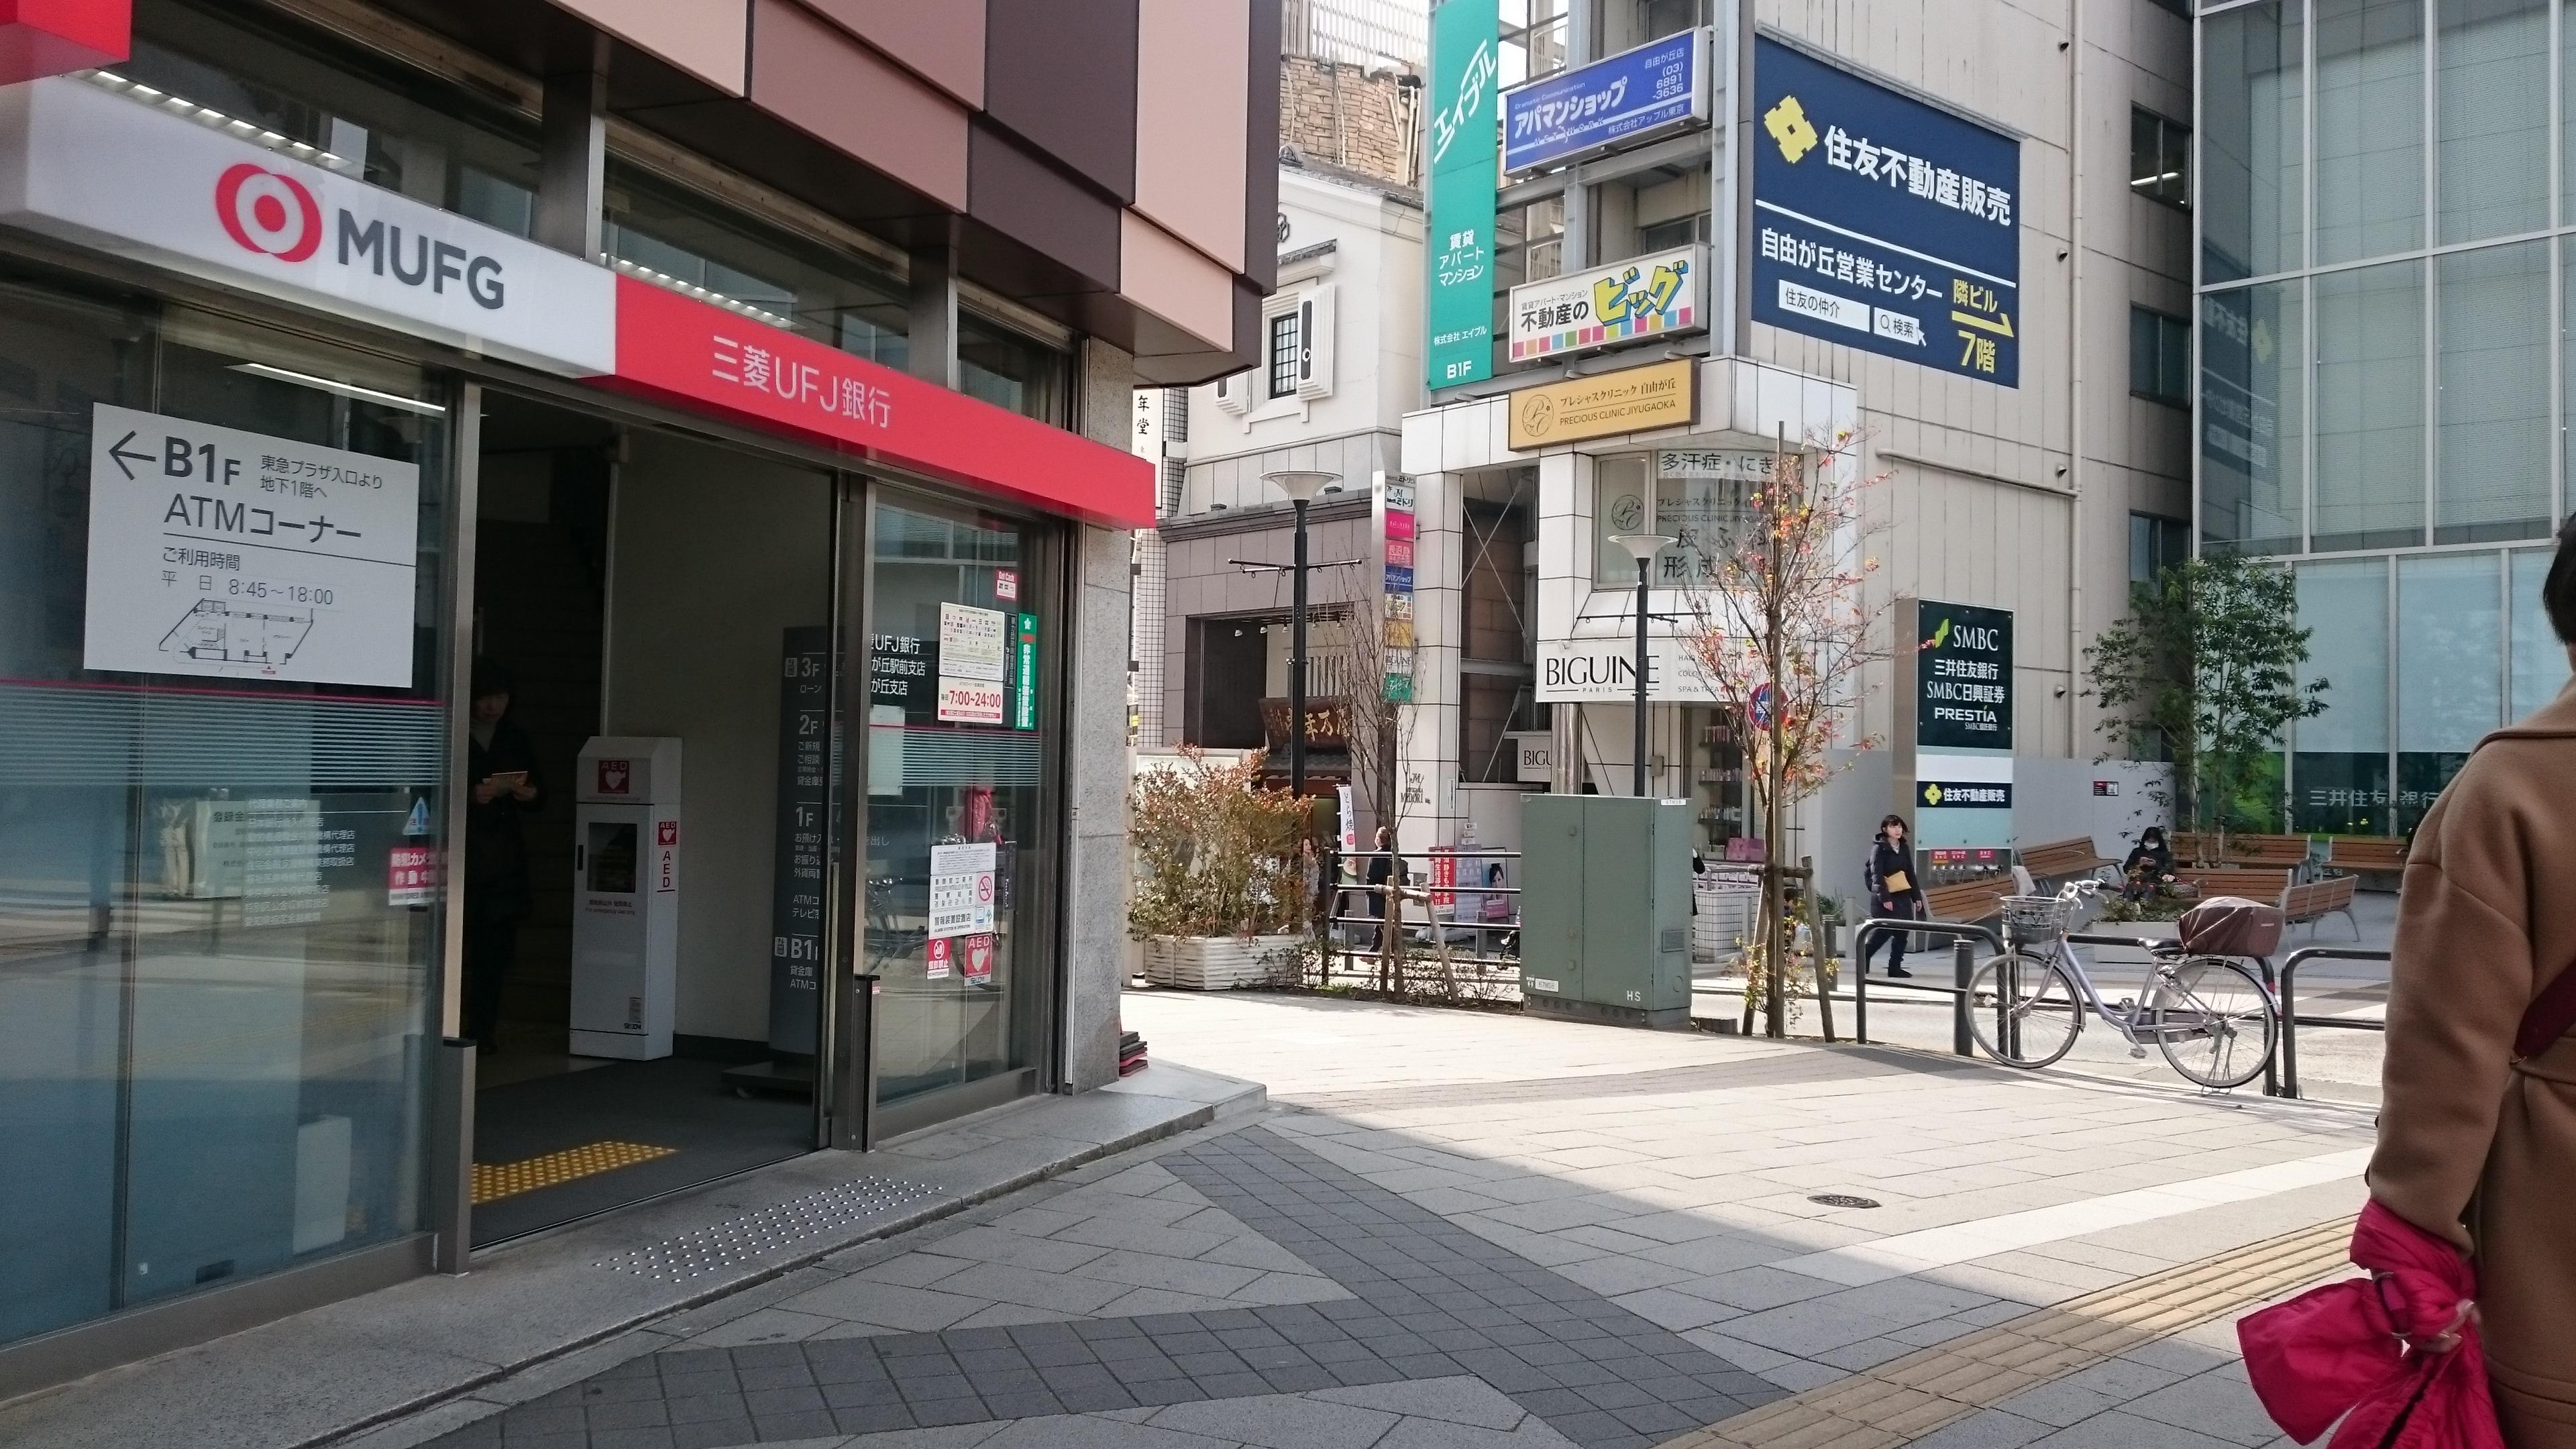 自由が丘駅,三菱UFJ銀行,喫煙所